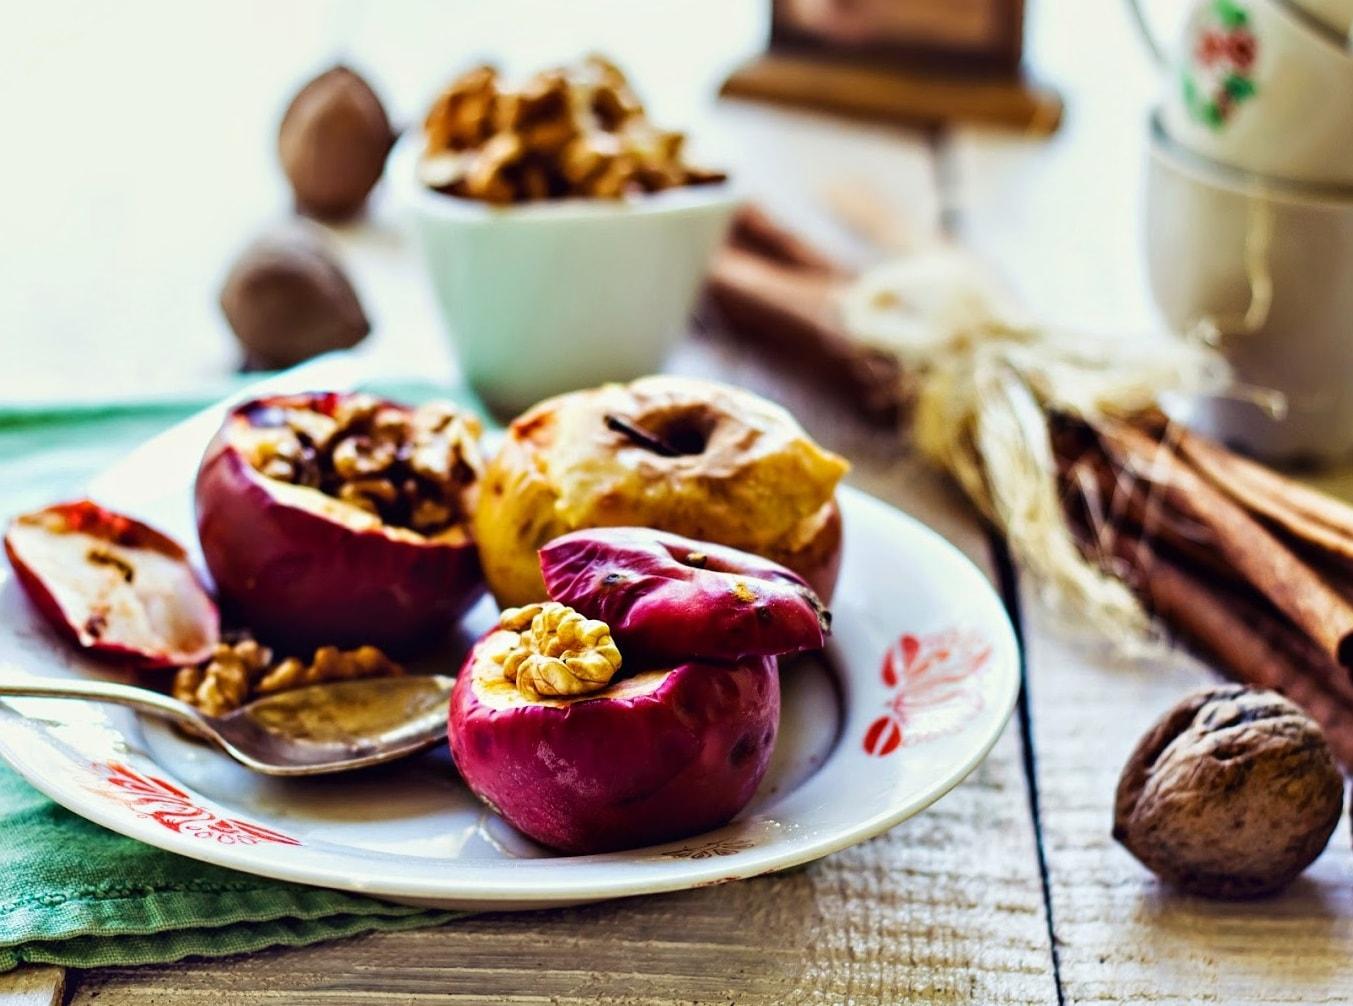 Самые вредные продукты питания для фигуры: список, описание. вред сладкого для фигуры. какие фрукты приносят вред фигуре?